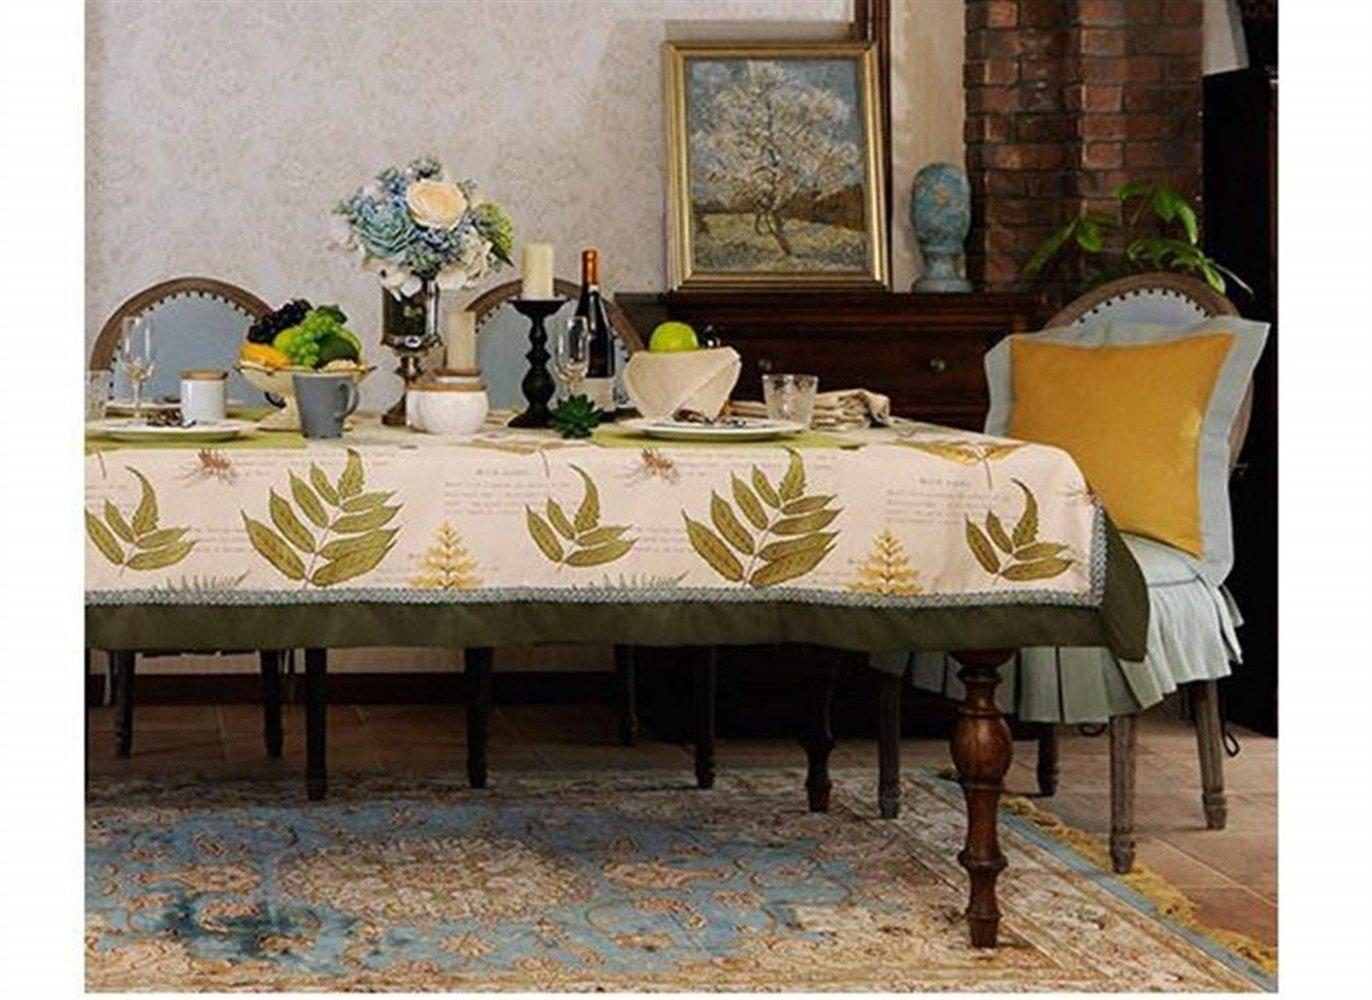 家の装飾布カバー テーブルクロス綿とリネンの葉、ジャカード丸テーブルクロスカバー布コーヒーテーブルクロス快適 テーブルクロス (色 : 130*190cm, サイズ : A) A 130*190cm B07R23DHJQ